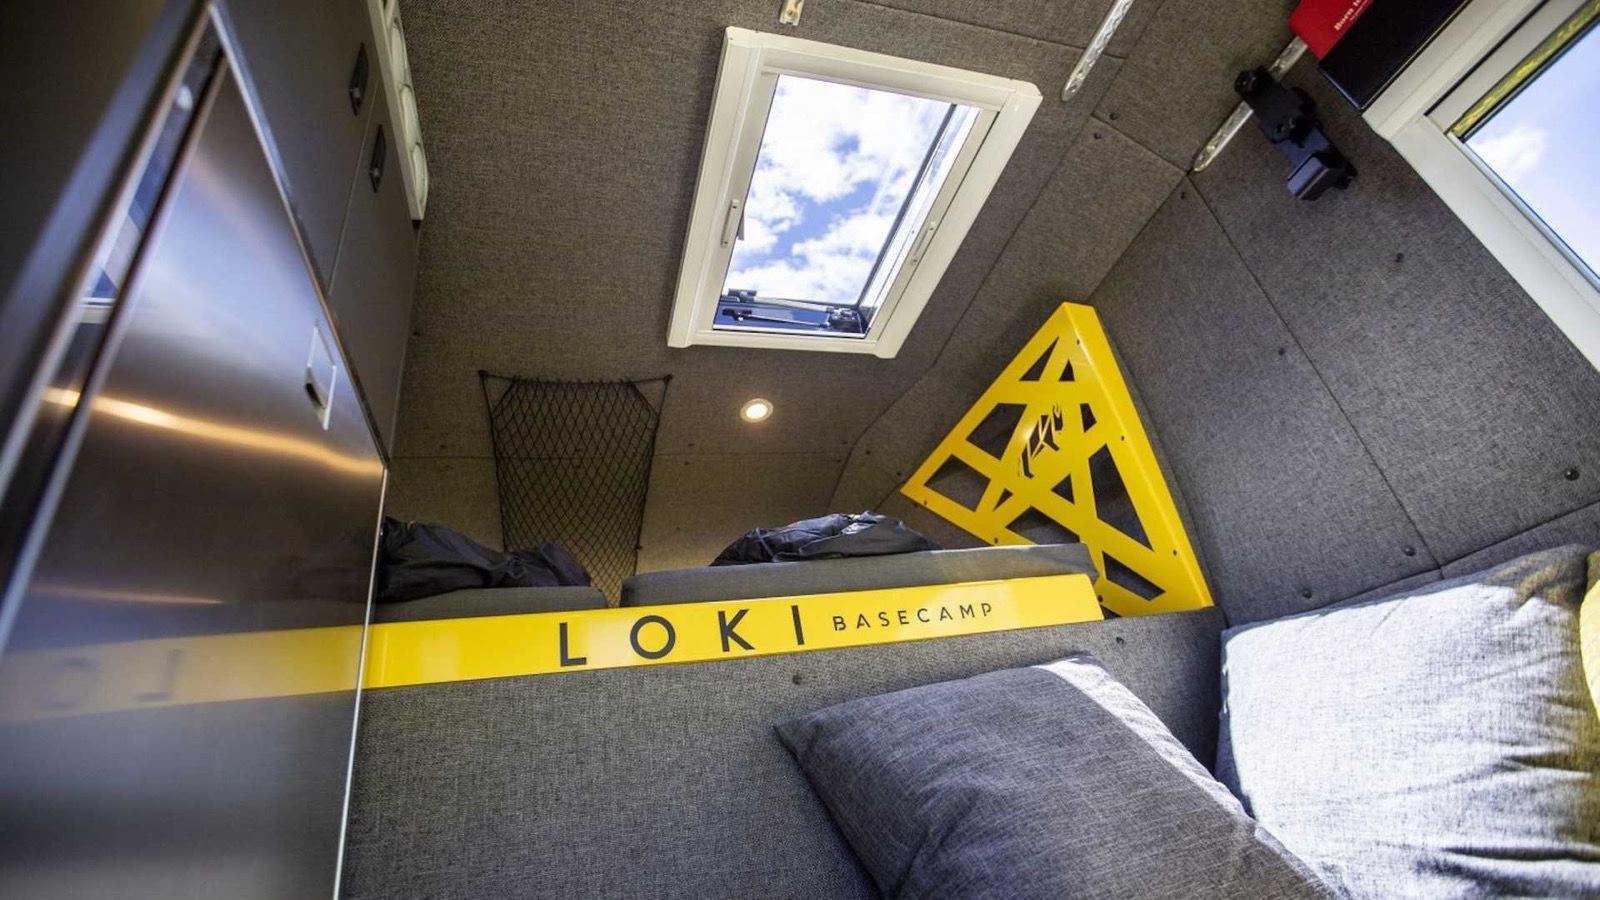 Loki_Basecamp-0019